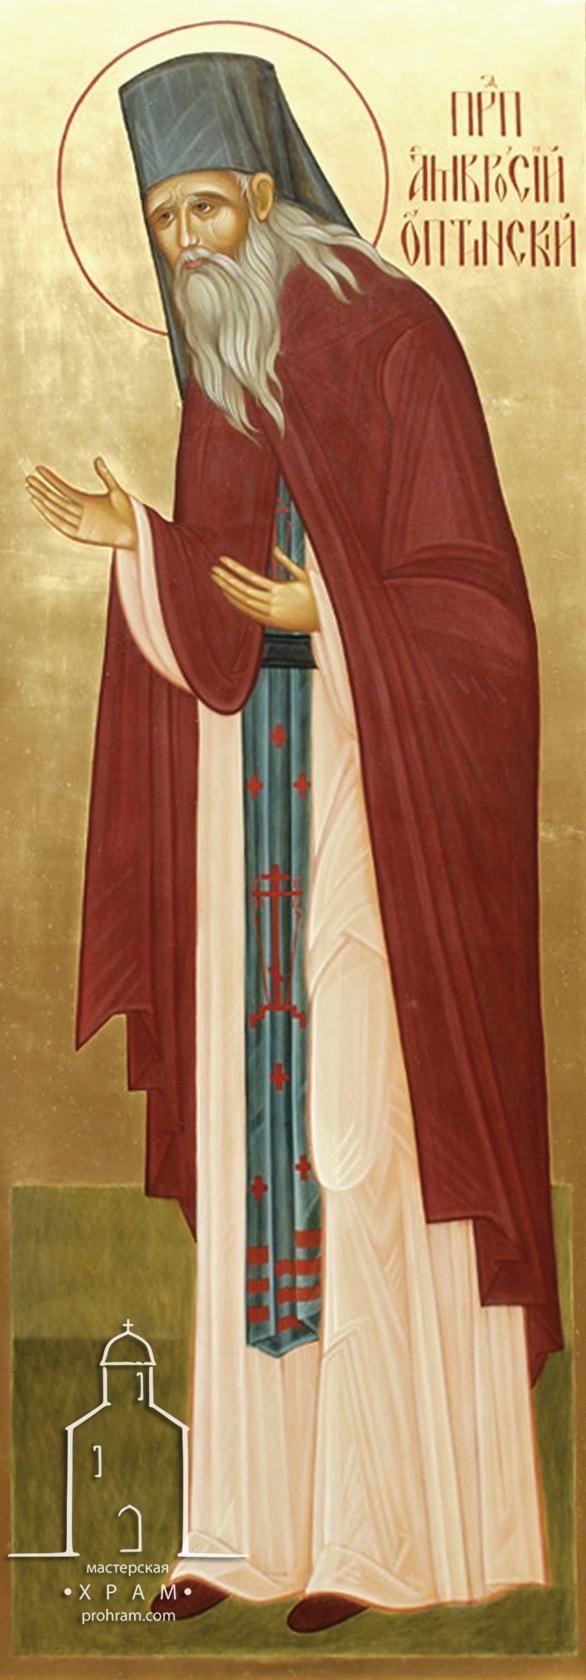 написание икон, заказать написание икон, написание икон на заказ, писаная икона, купить писаную икону, преподобный Амвросий Оптинский